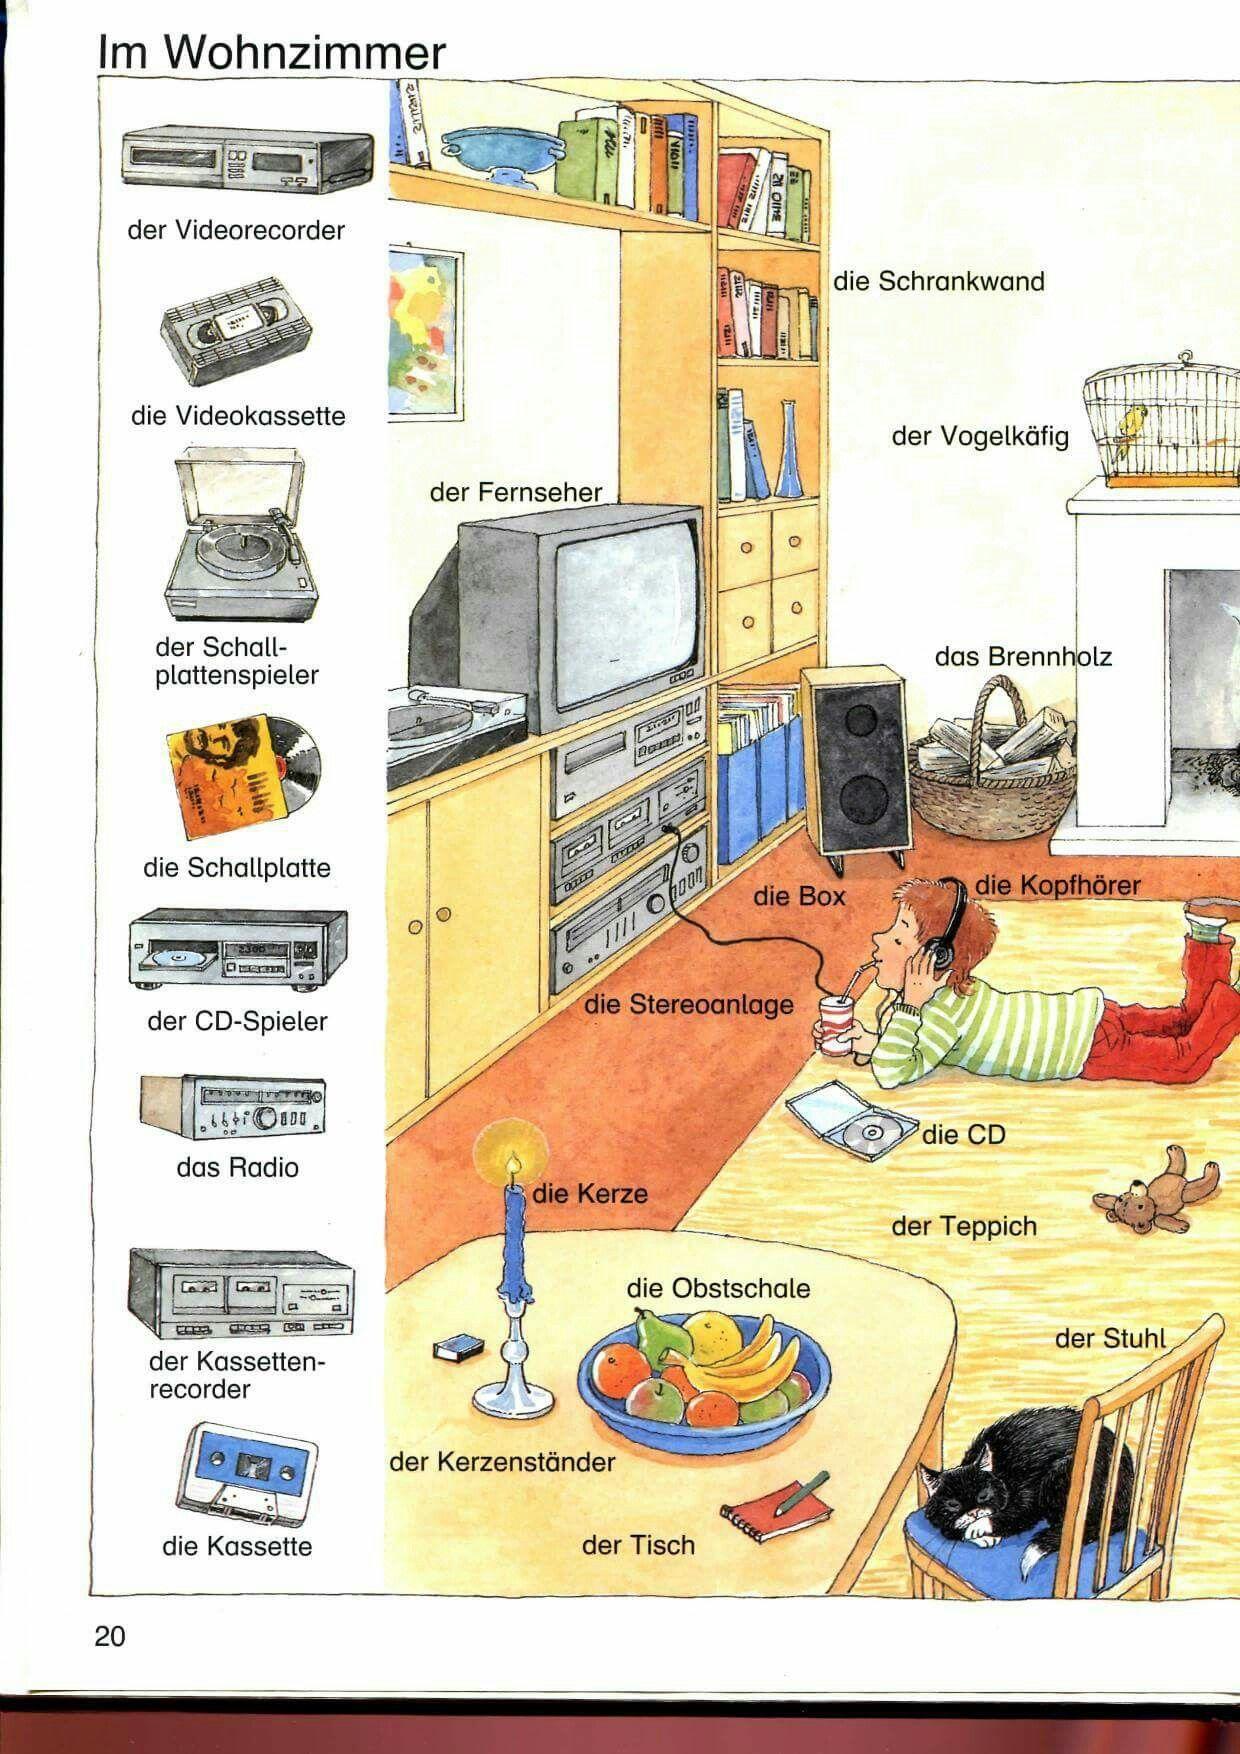 Im wohnzimmer aprendiendo aleman learning german for Wohnzimmer auf englisch